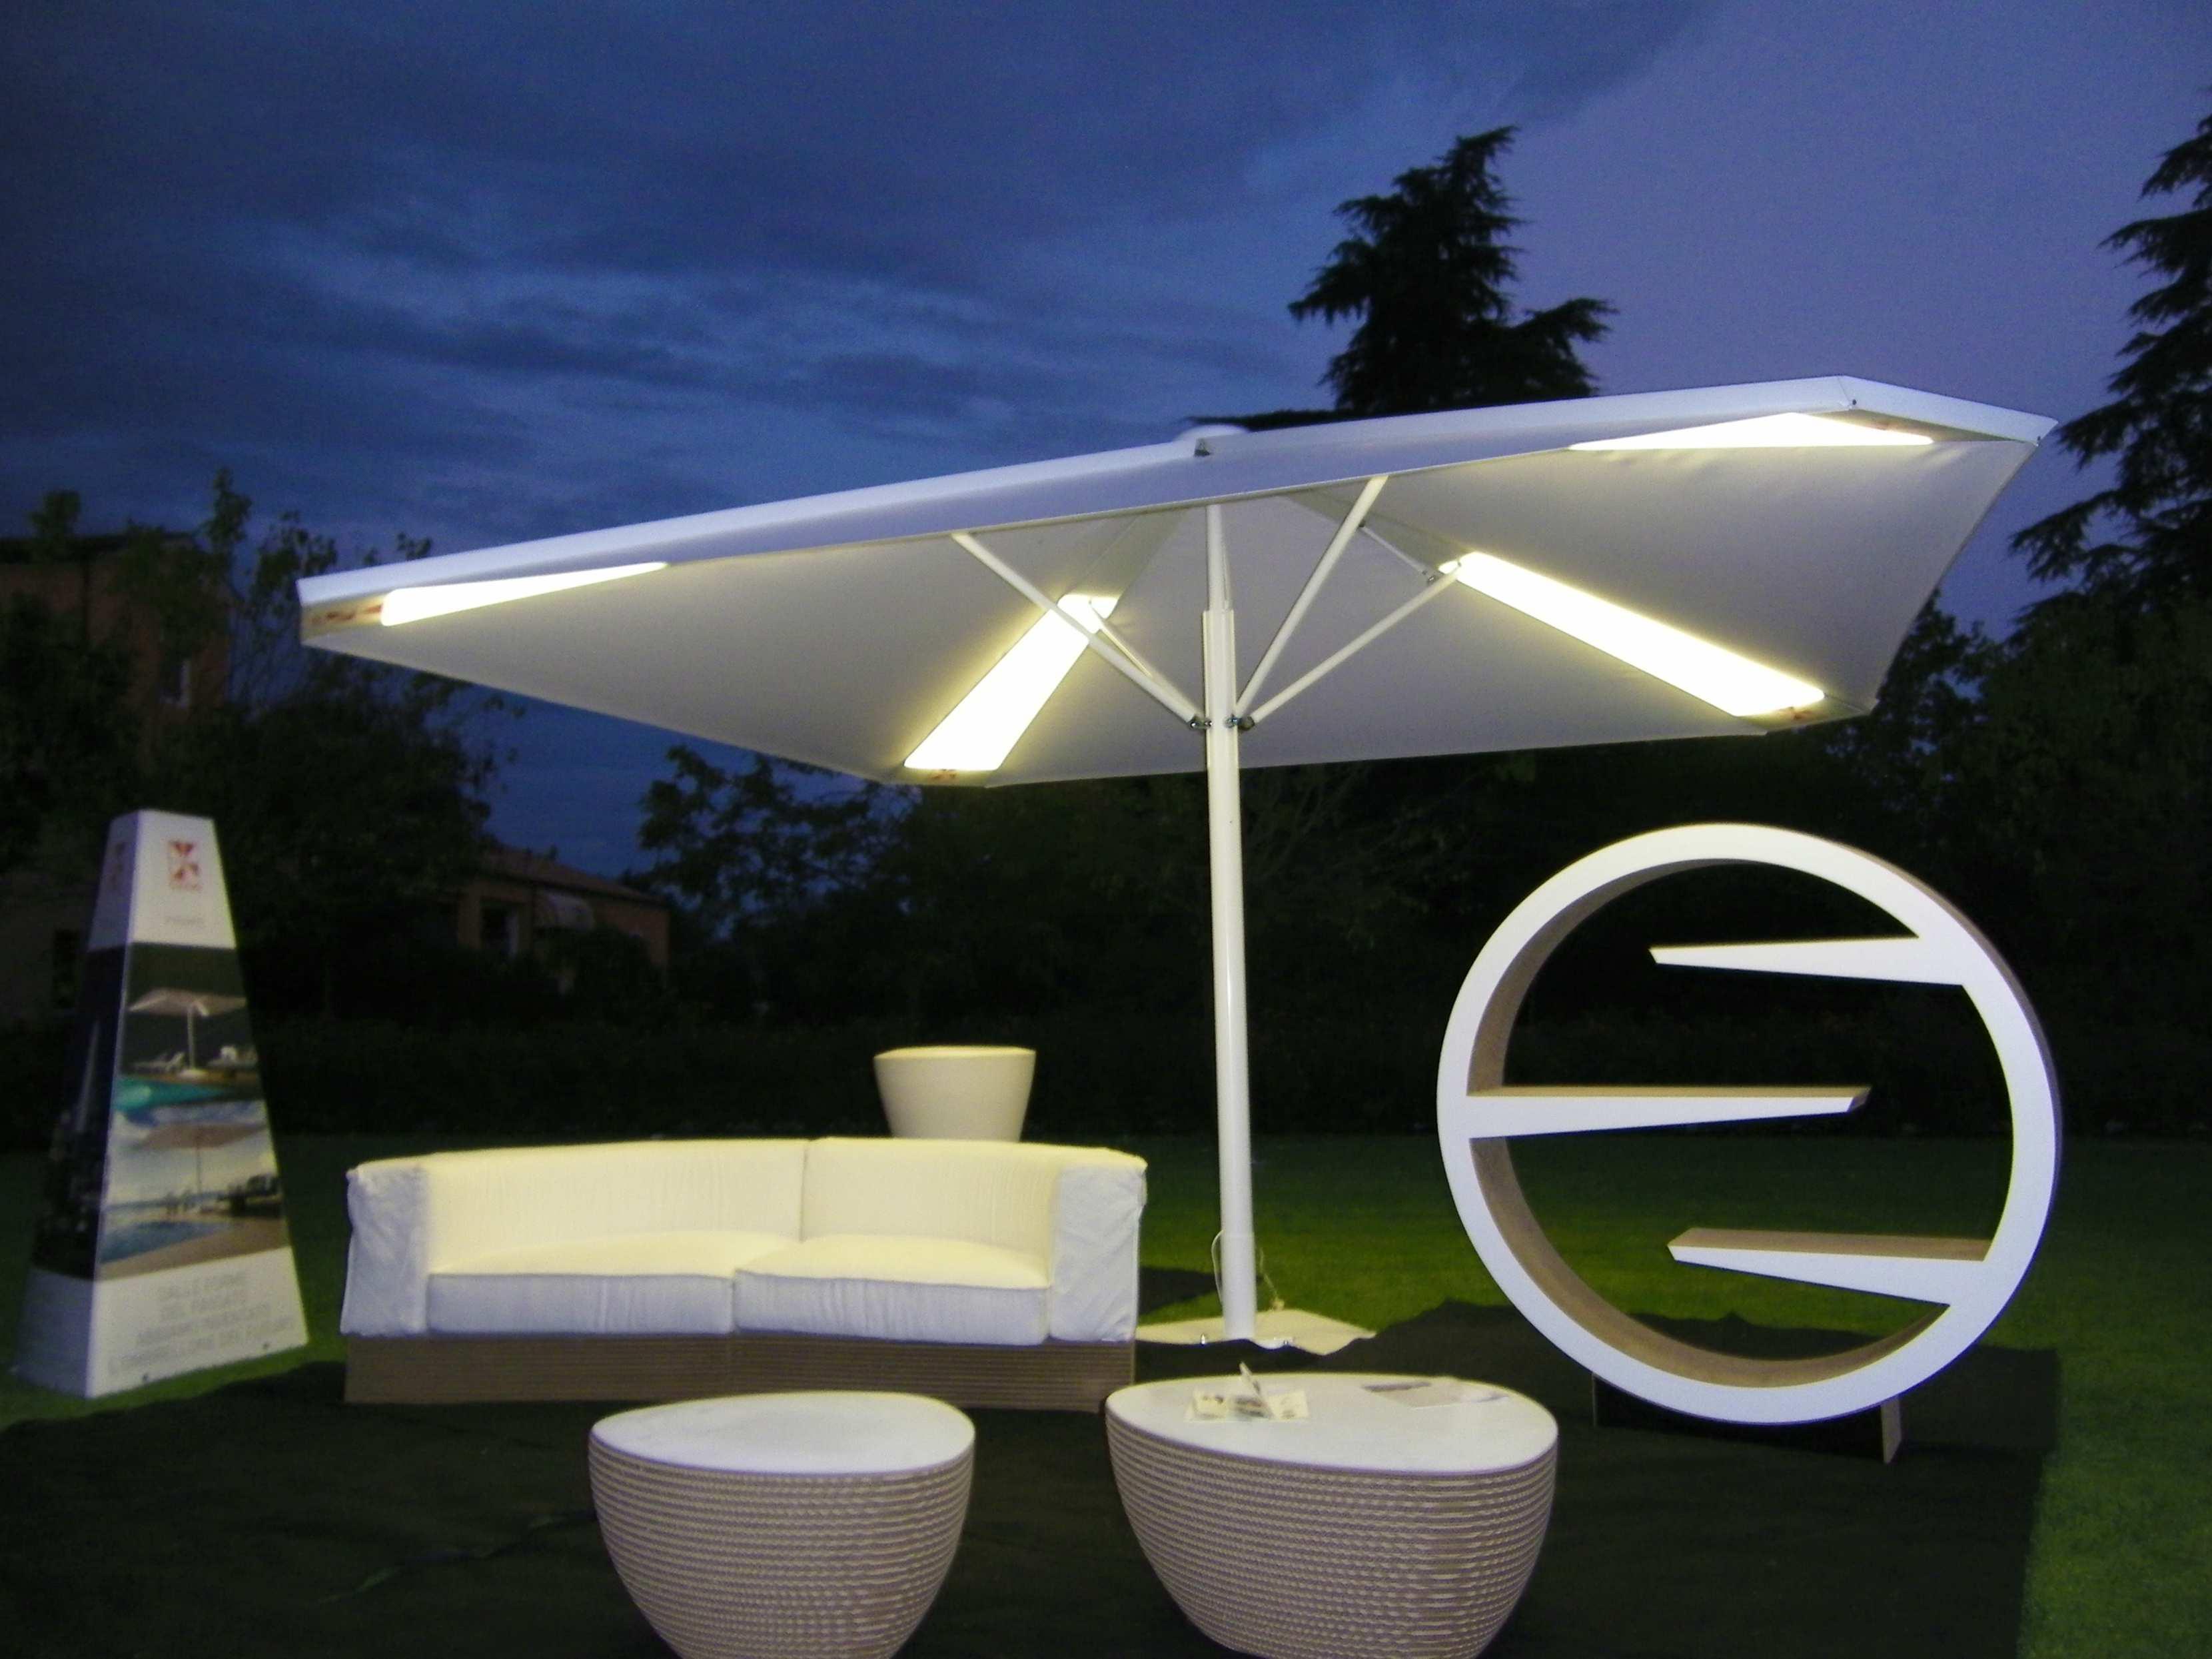 parasol de luxe pour votre jardin tld webzine. Black Bedroom Furniture Sets. Home Design Ideas